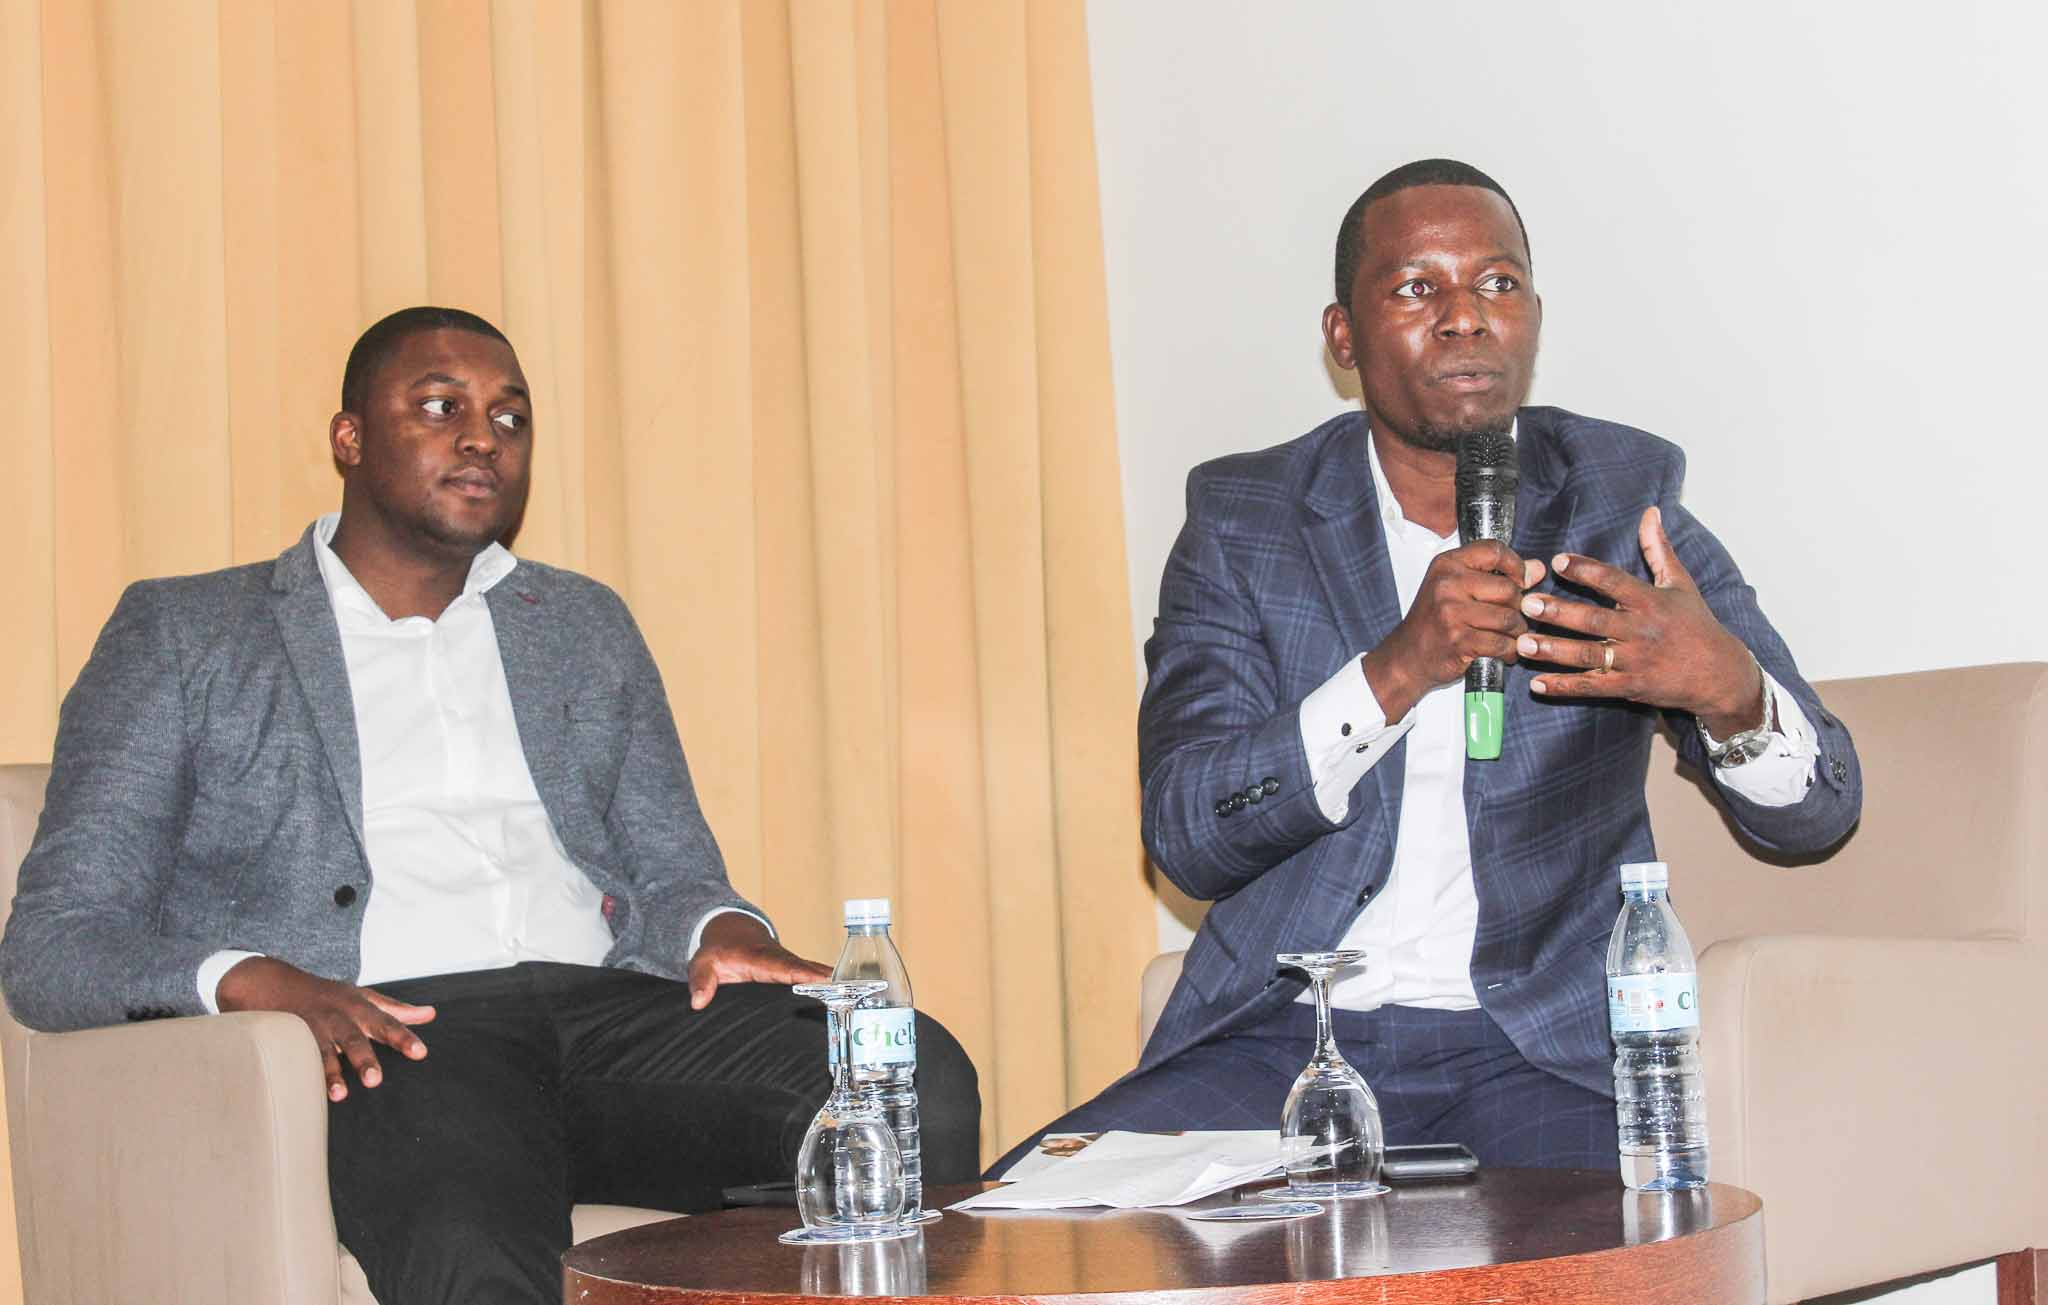 Plataforma digital pretende contribuir para a melhoria do ambiente de negócios no país